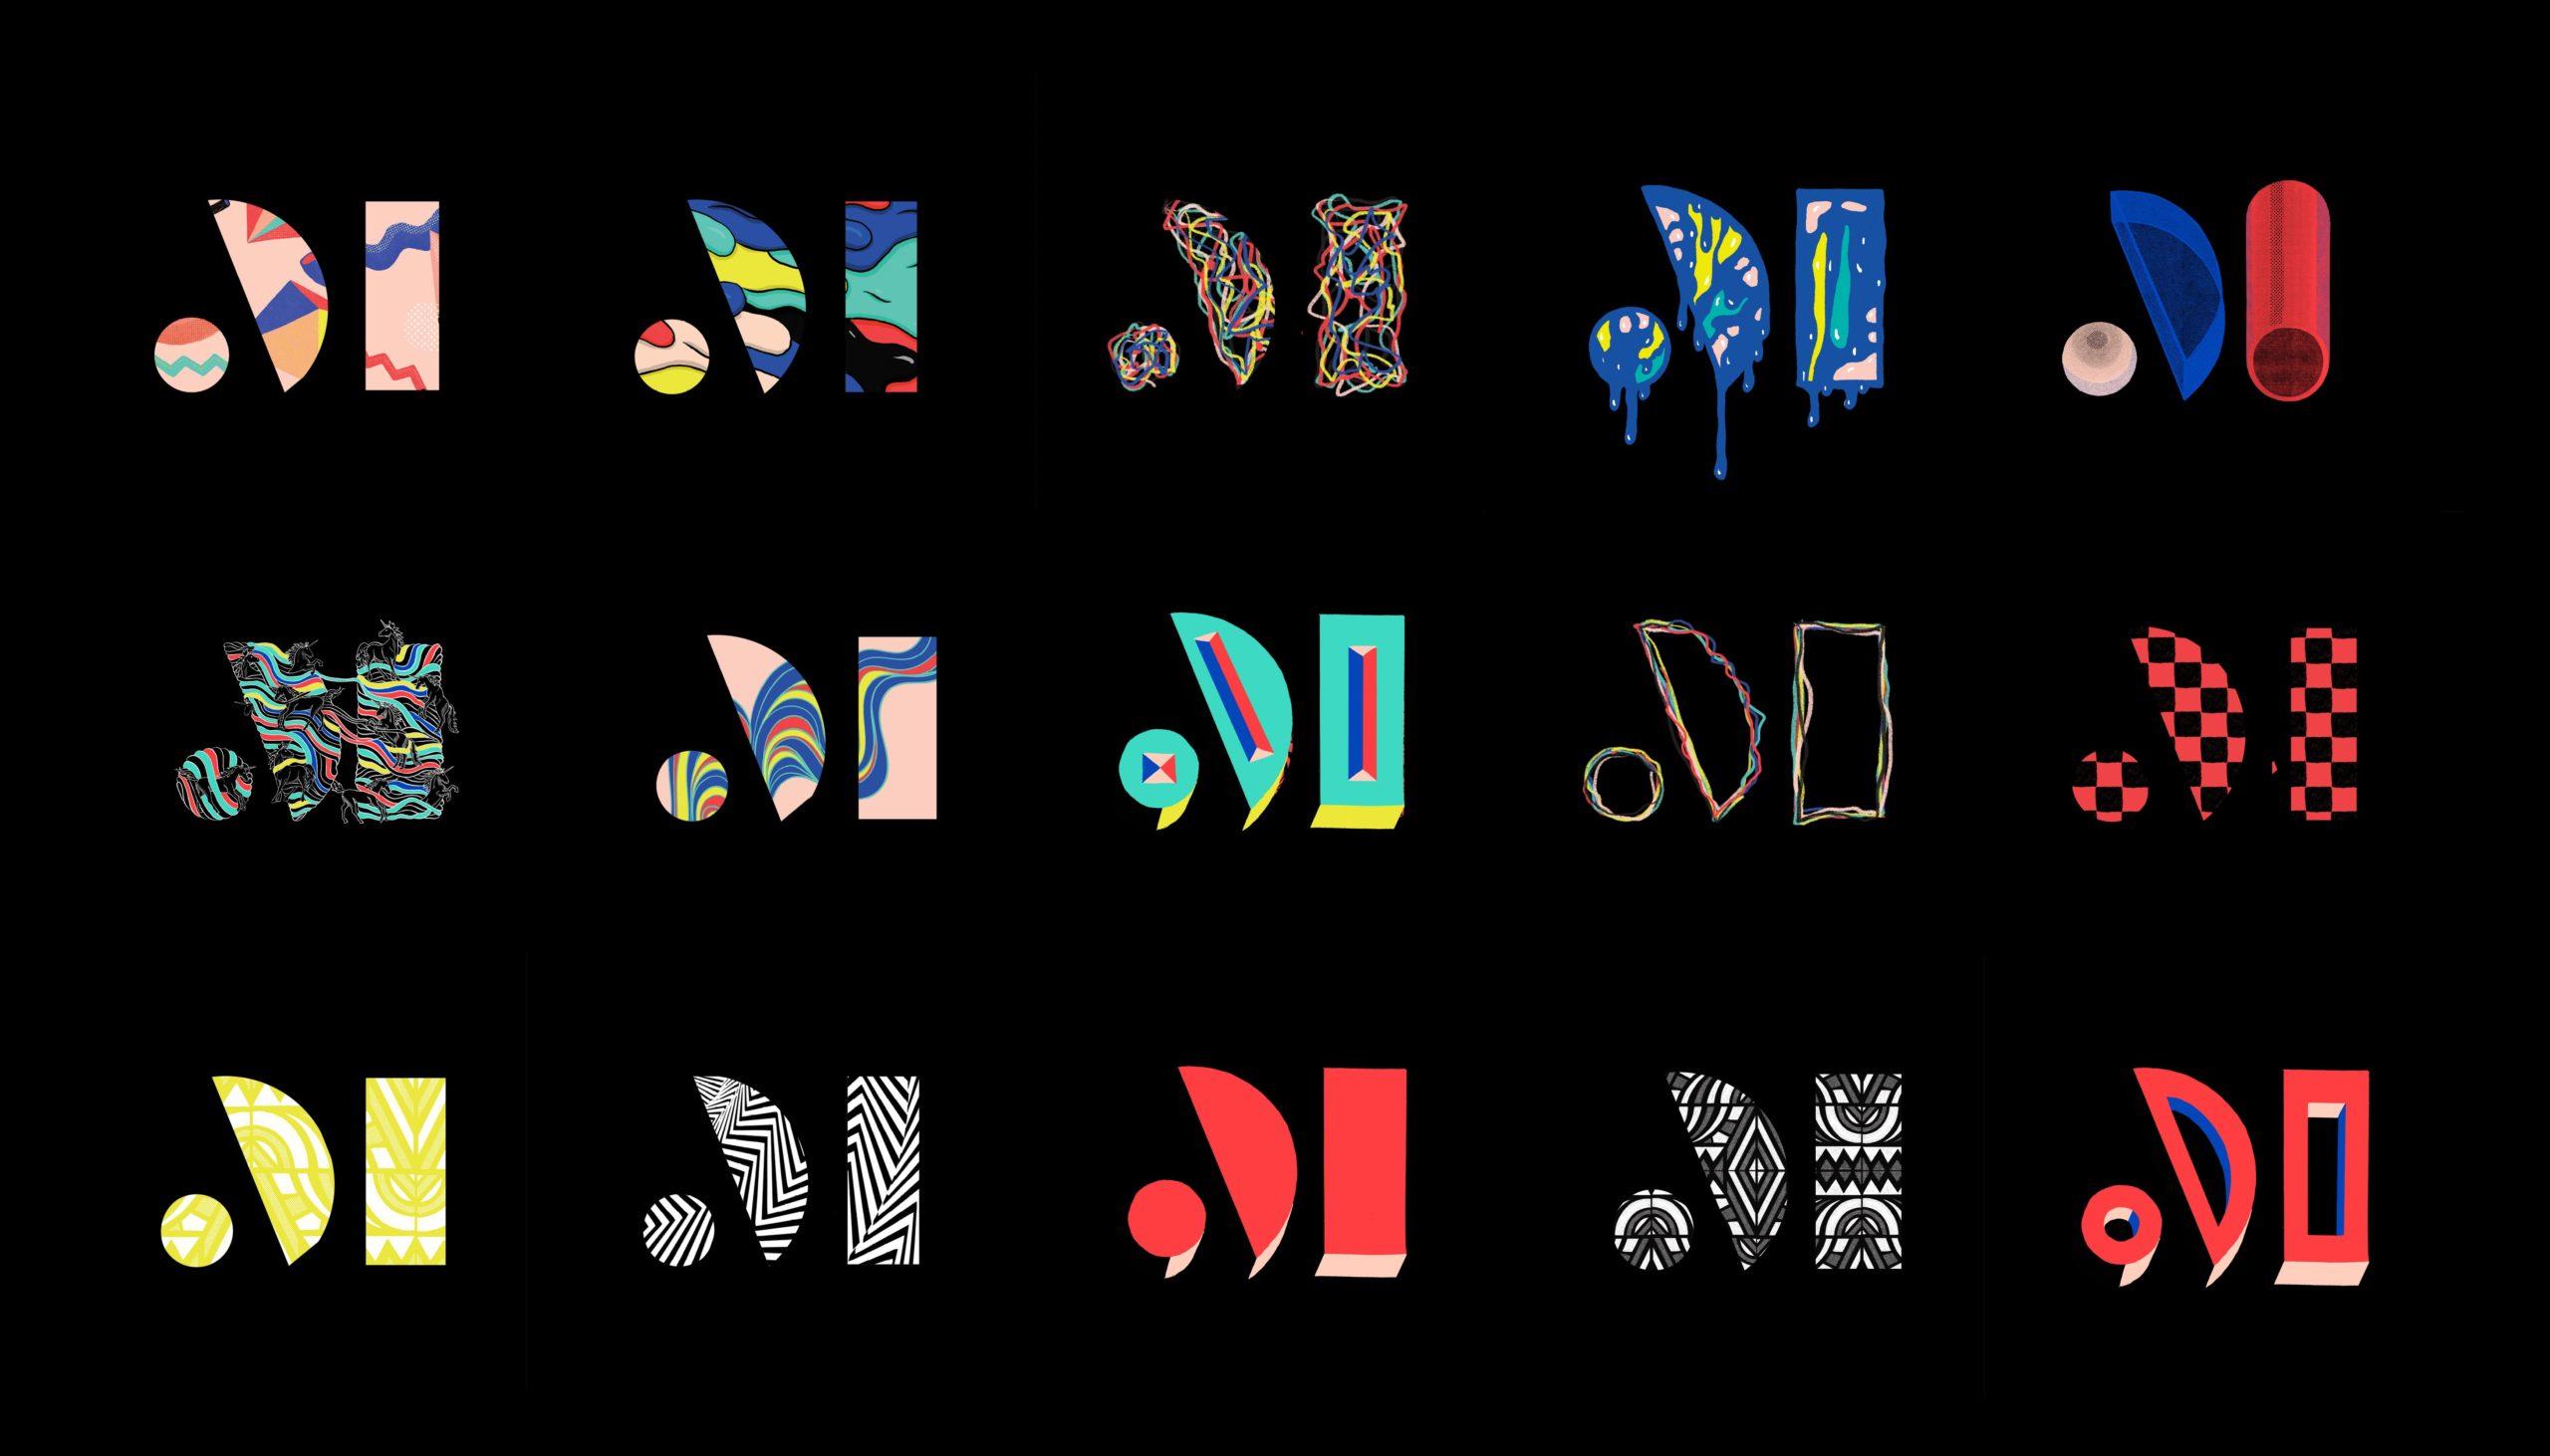 Multi-M_artwork_01